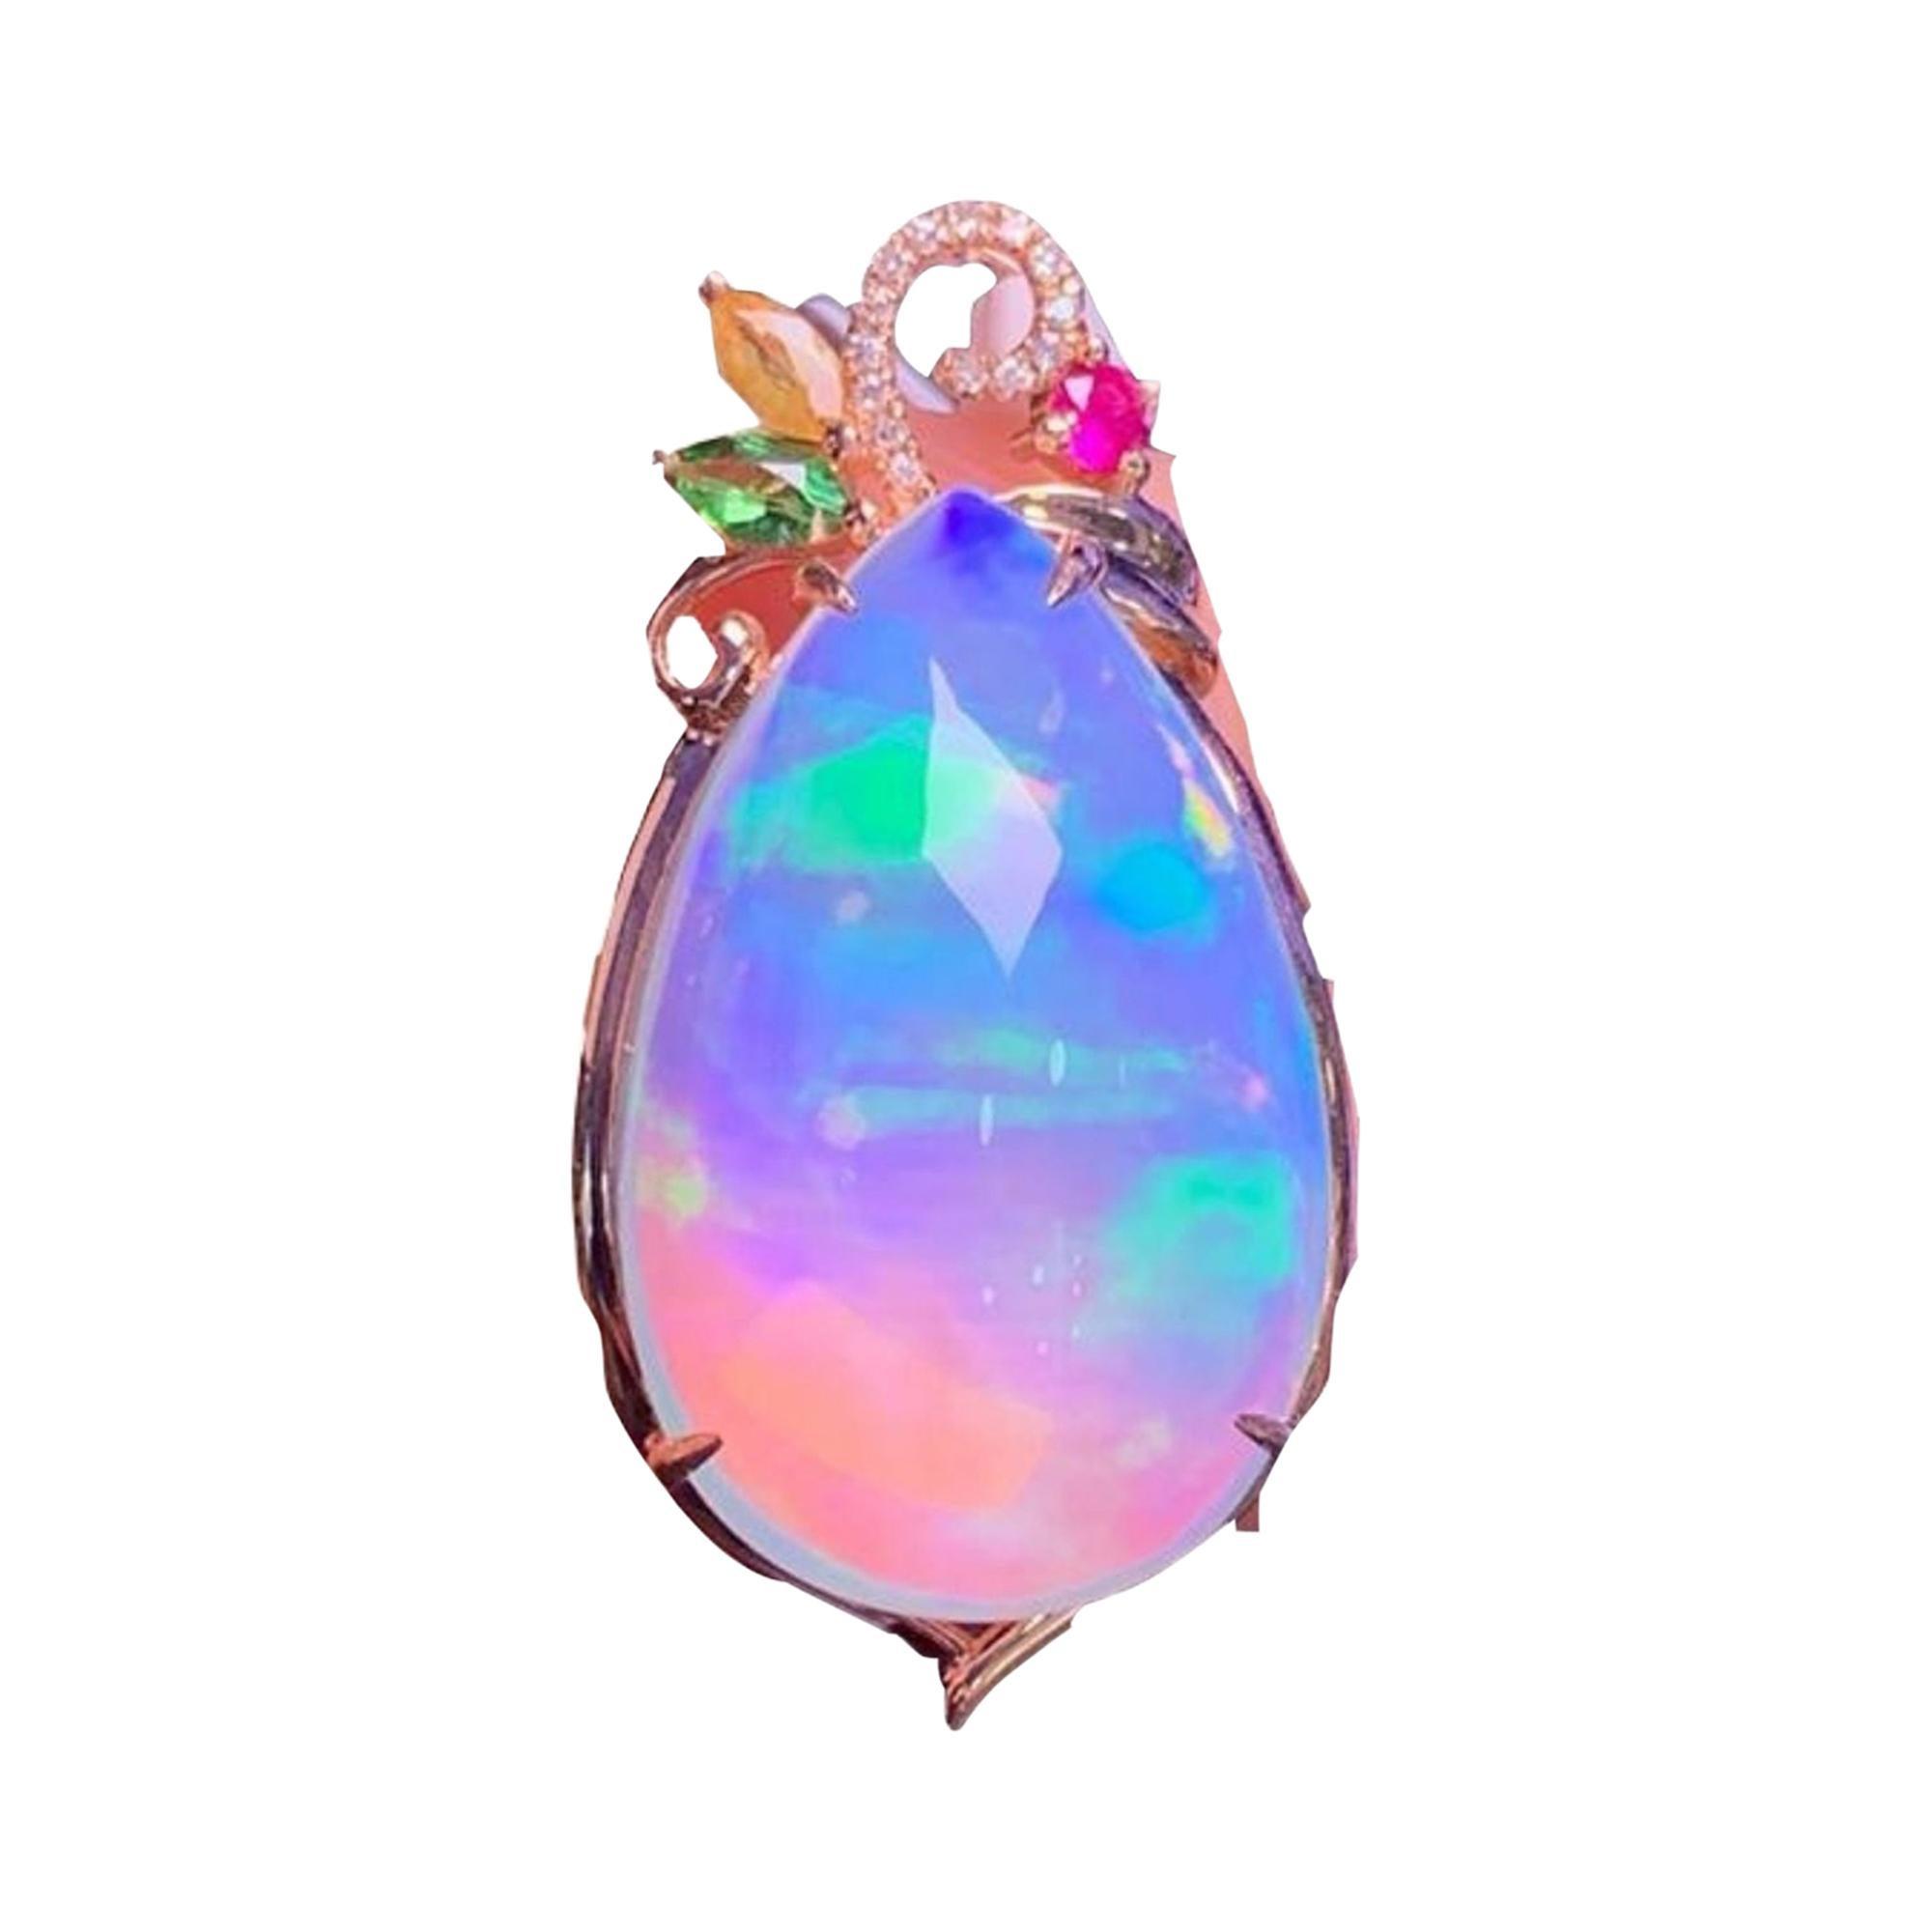 Australian Opal Diamond Ruby Necklace 18k Rose Gold